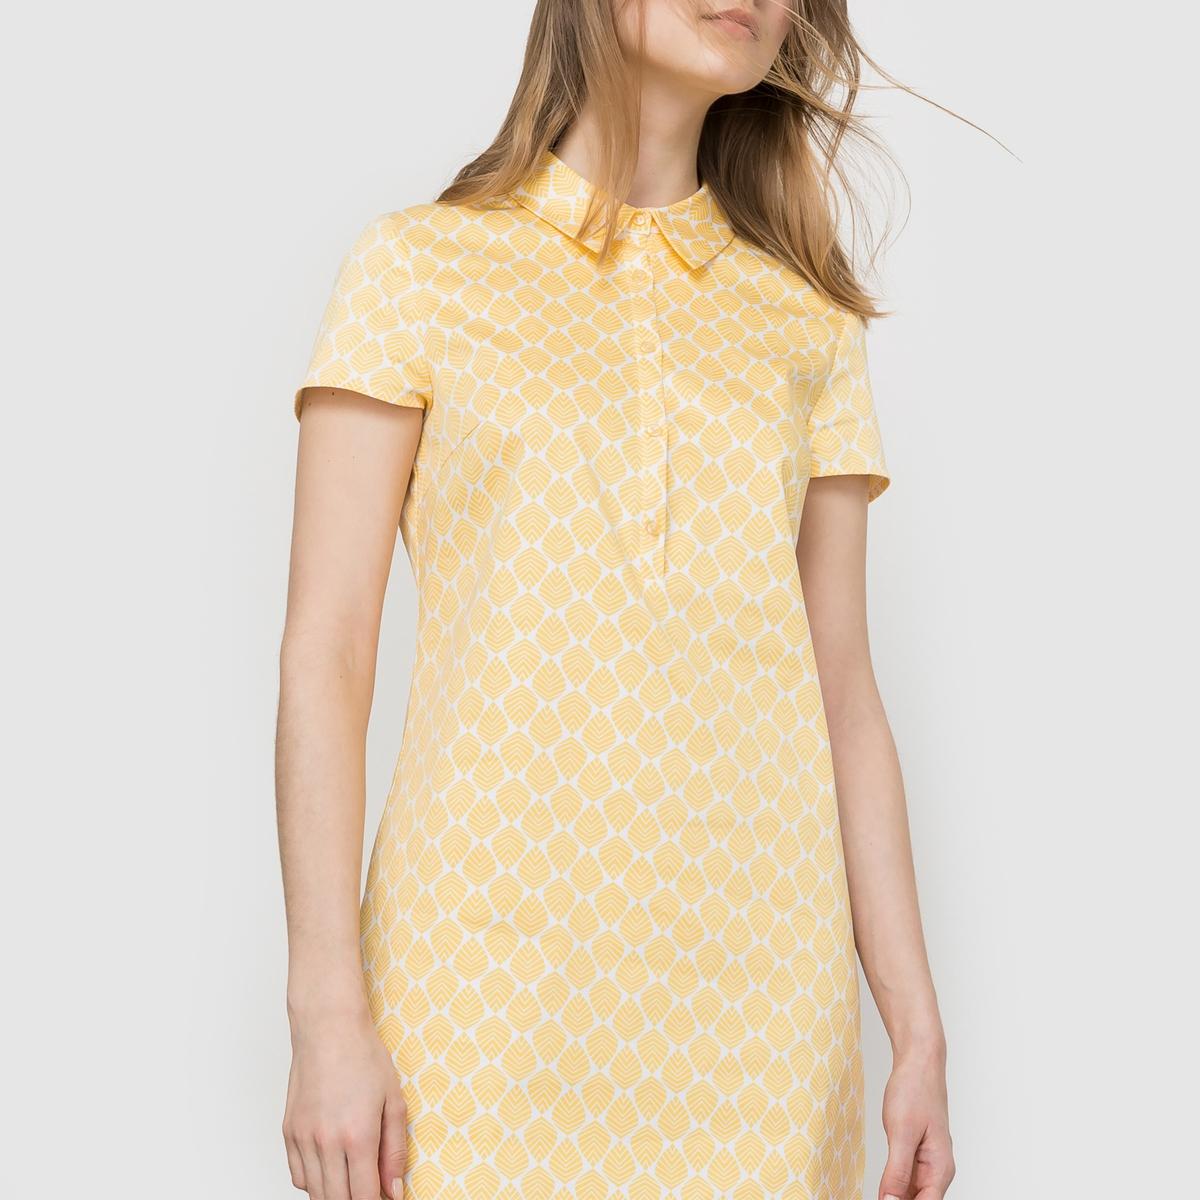 Платье-рубашка с короткими рукавамиПлатье-рубашка с короткими рукавами . Прямой покрой . Небольшой рубашечный воротник. Длина 90 см .Состав и детали : Материал : хлопковый атлас 98% хлопка, 2% эластана Марка : LES PETITS PRIX.Уход :Стирка : при 30° с изнанки Глажка : с изнаночной стороны<br><br>Цвет: набивной рисунок<br>Размер: 46 (FR) - 52 (RUS)